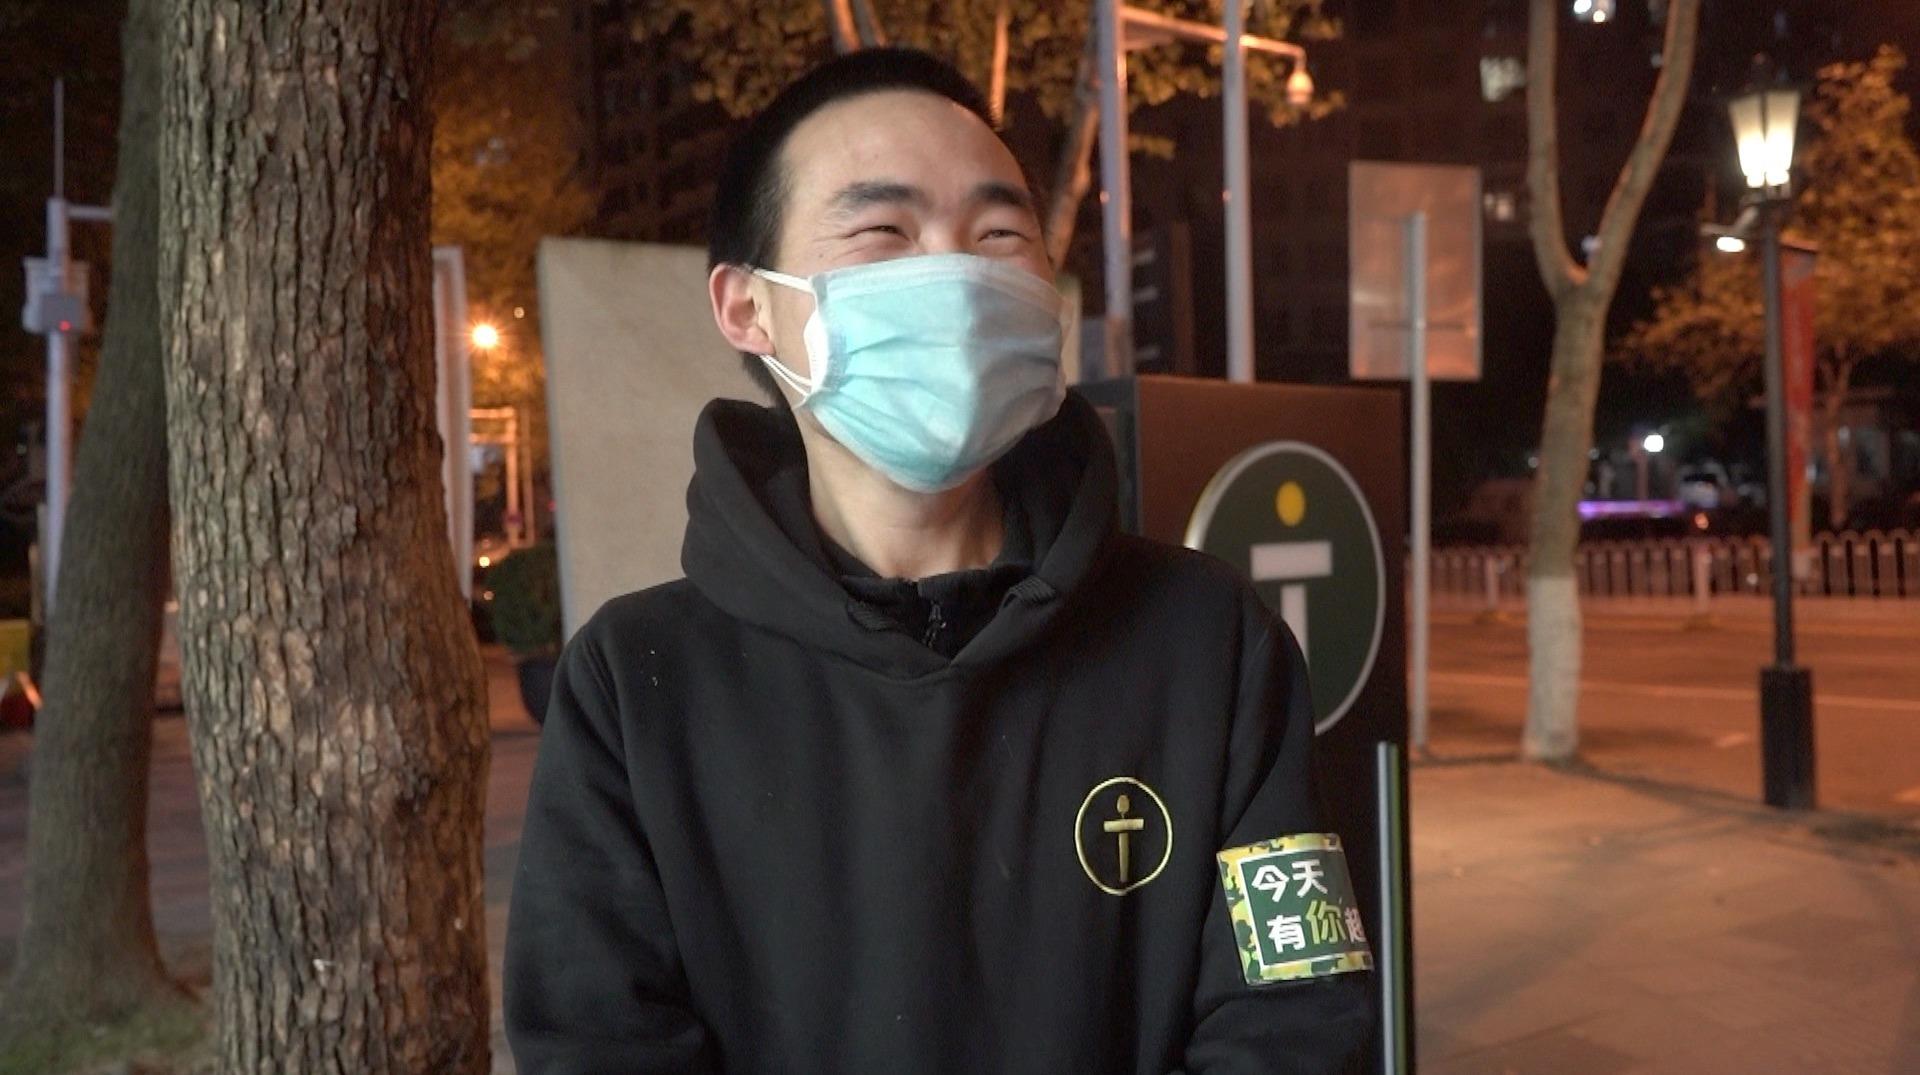 武汉解封后的日常,便利店单身小哥:我就想找女朋友